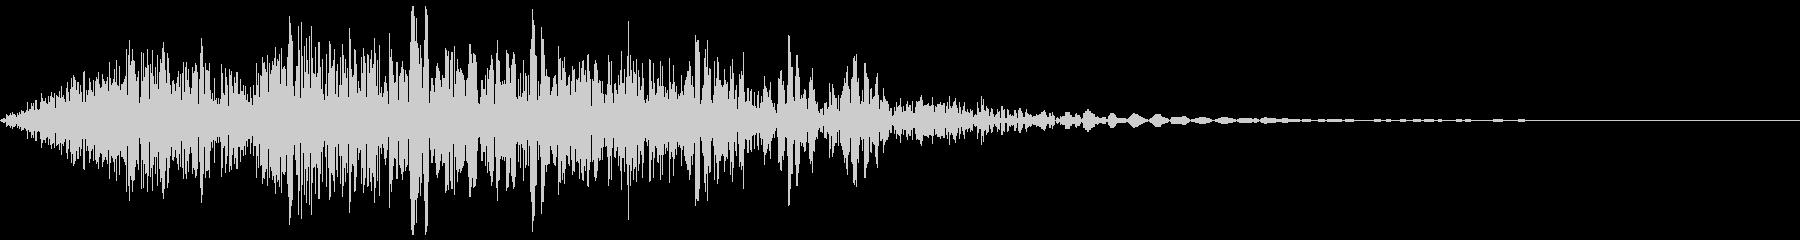 アニメ風メカの歩く音/メカの挙動音の未再生の波形